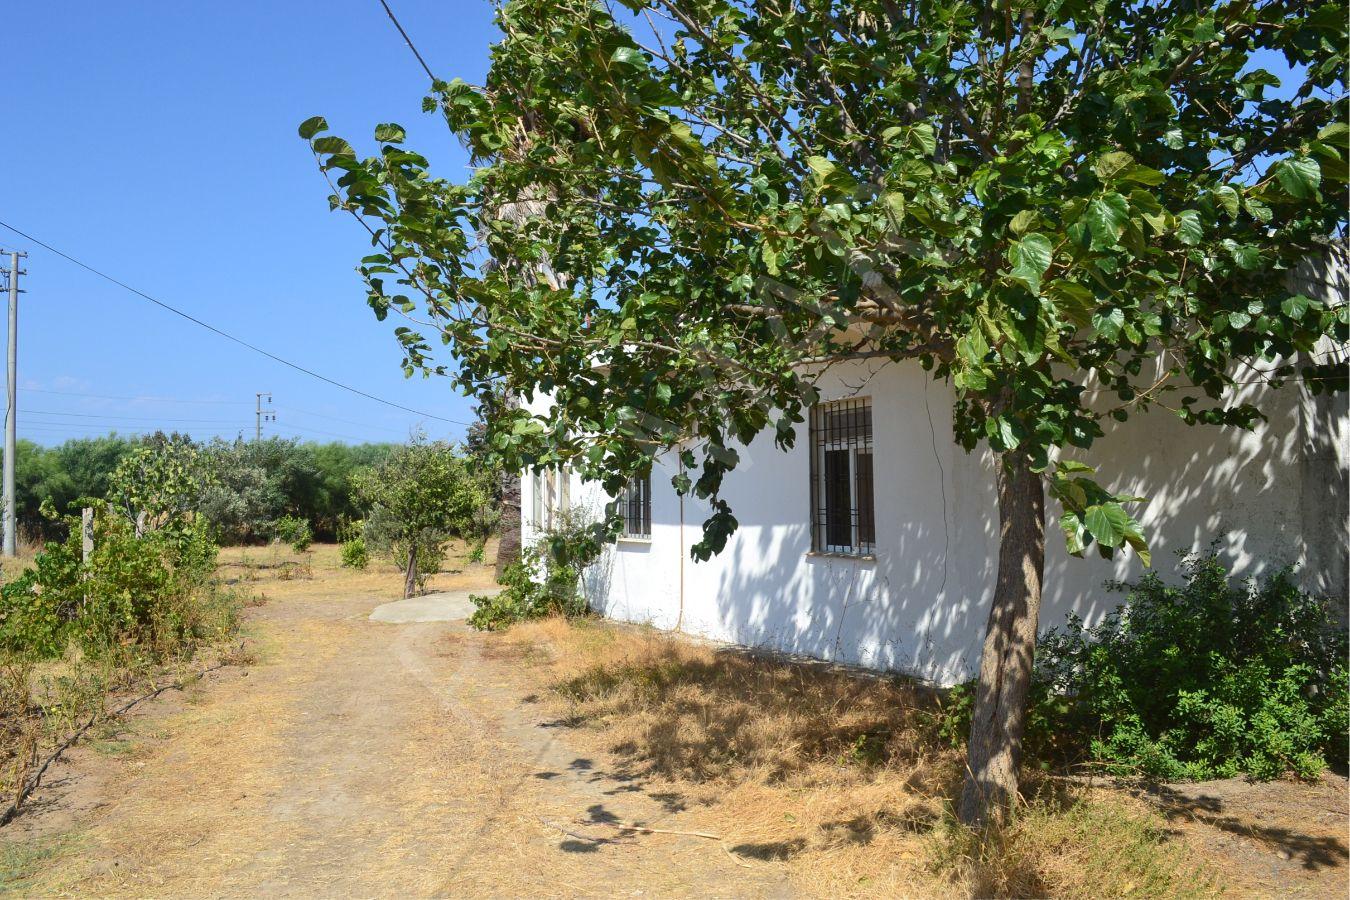 Premar Datça Kızlan'da Marmaris-datça Yoluna Cepheli 1620 M2 Arsa İçerisinde 2+1 Müstakil Ev